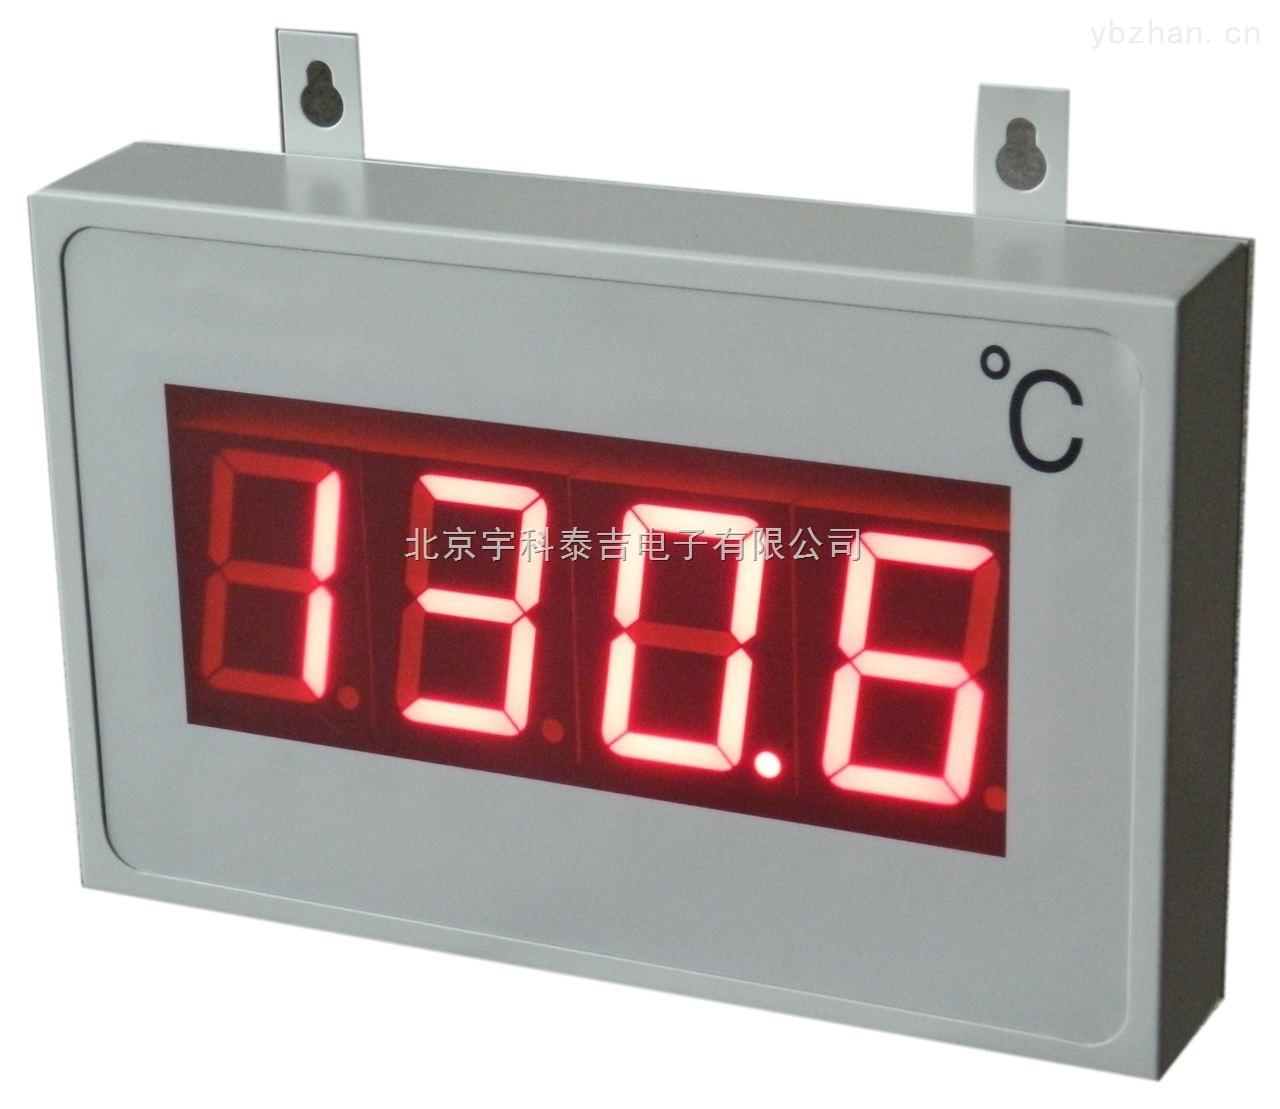 数字大屏显示仪-大屏温度显示仪,智能LED温度大屏显示仪